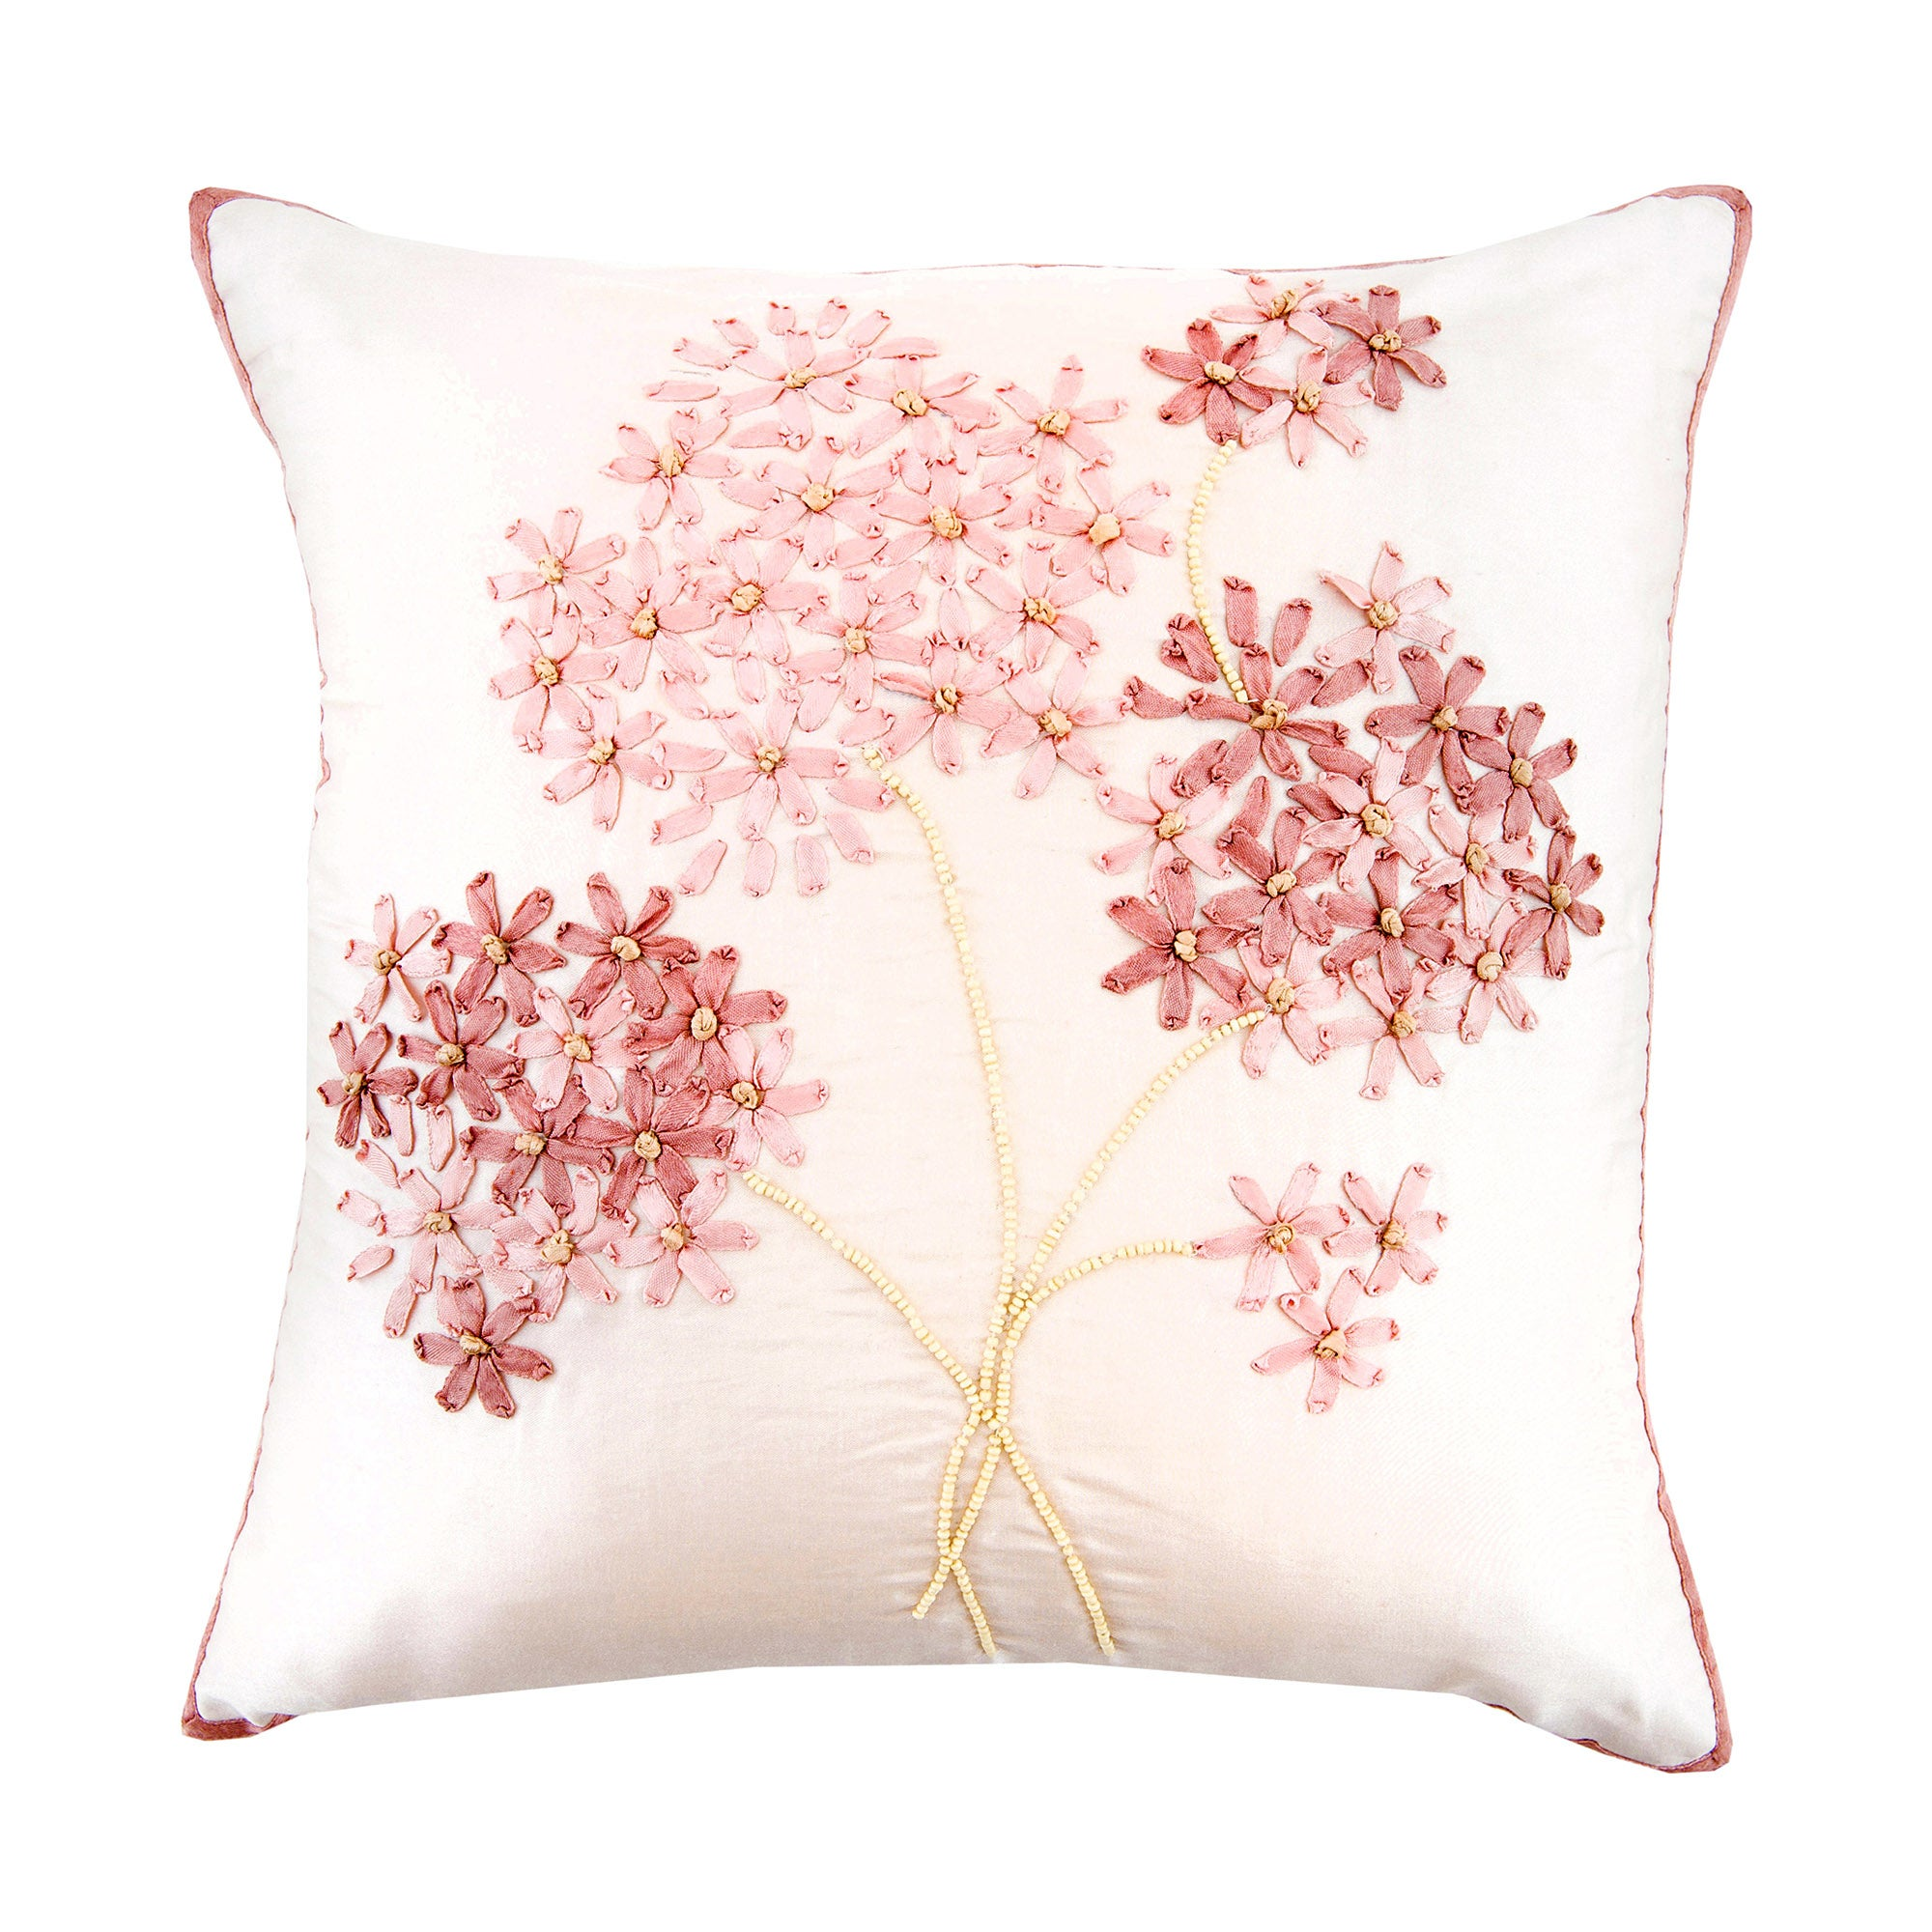 Blush Hydrangea Cushion